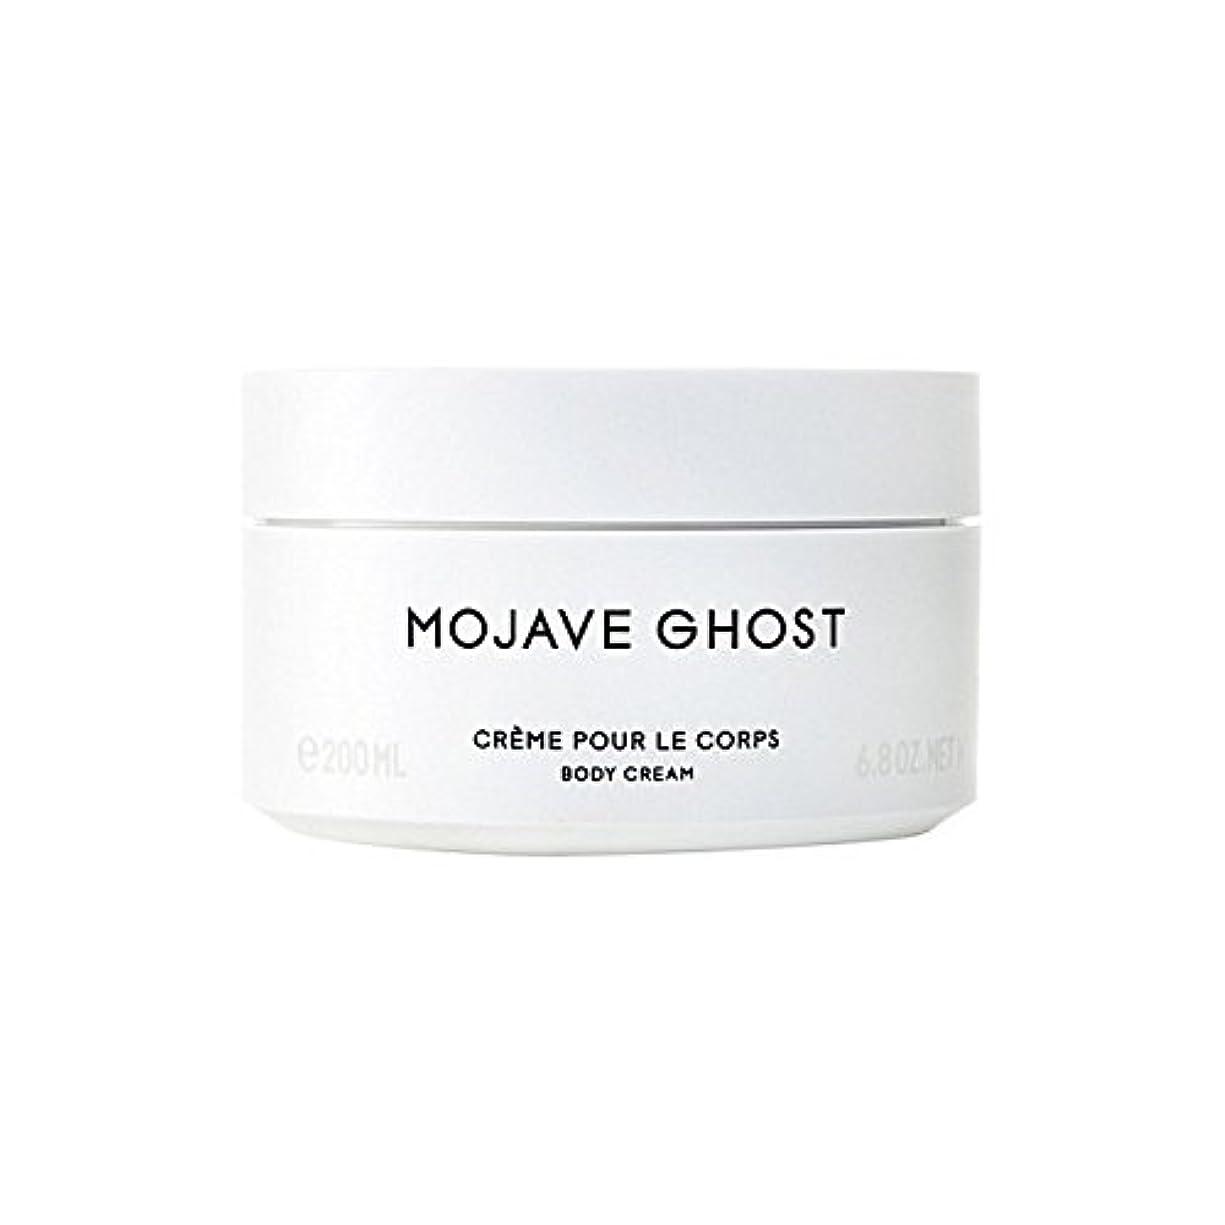 自分あそこ死の顎モハーベゴーストボディクリーム200ミリリットル x2 - Byredo Mojave Ghost Body Cream 200ml (Pack of 2) [並行輸入品]